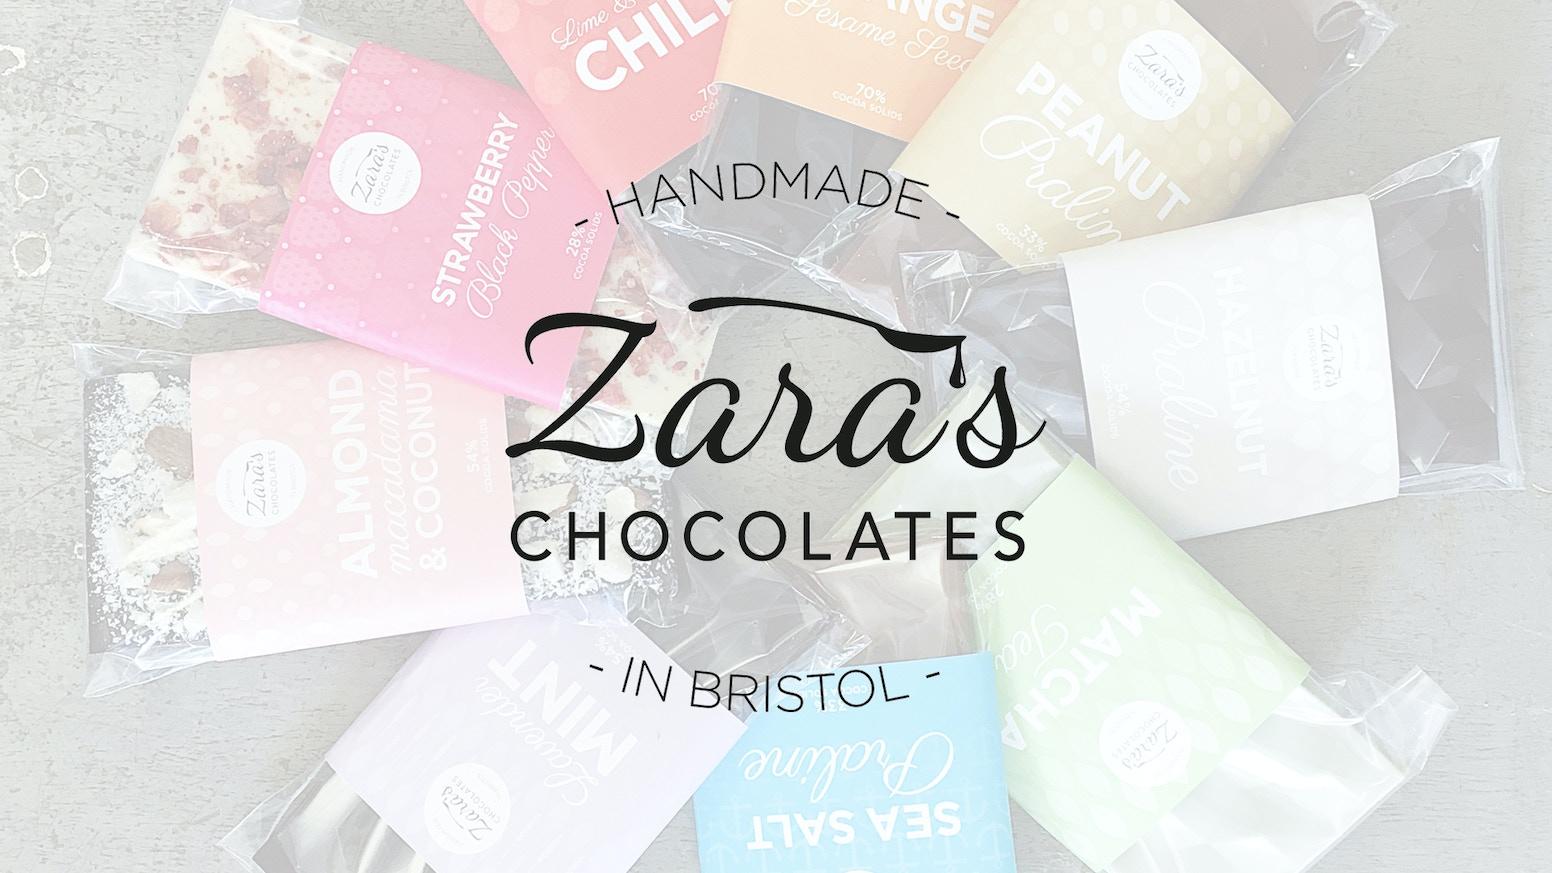 Zara's Chocolates - A New Home by Zara Narracott — Kickstarter on plan de cassis, plan de maison, plan de montauban, plan de payzac, plan de capbreton, plan de montpellier, plan de ville, plan de toulouse, plan de lunel, plan de lyon, plan de bordeaux, plan de bruges,